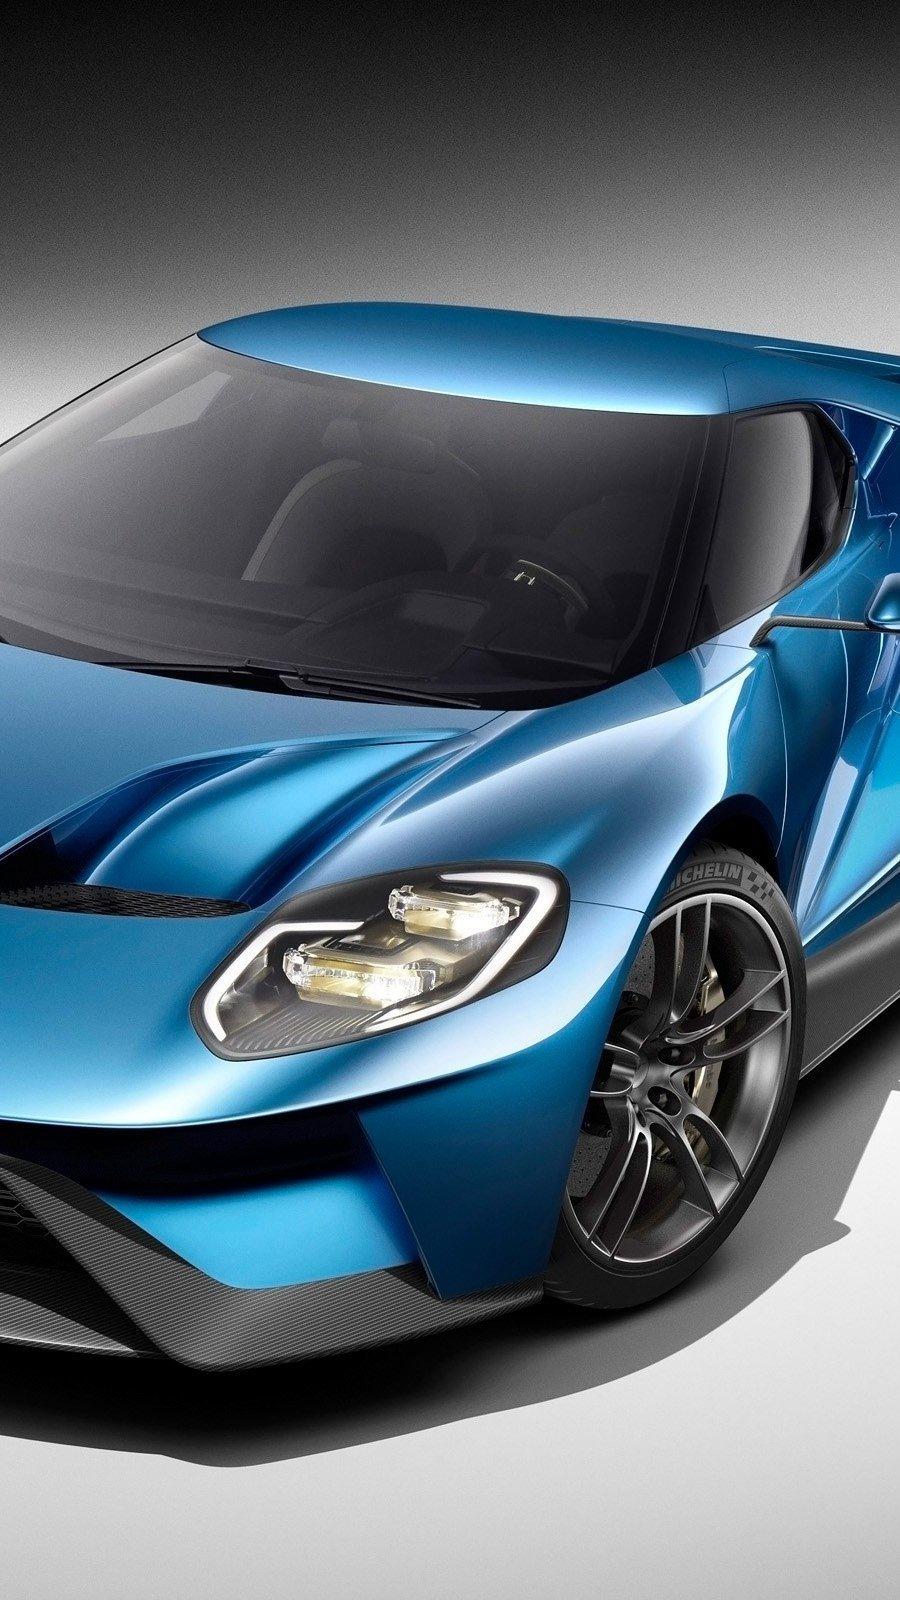 Fondos de pantalla Ford GT azul Vertical